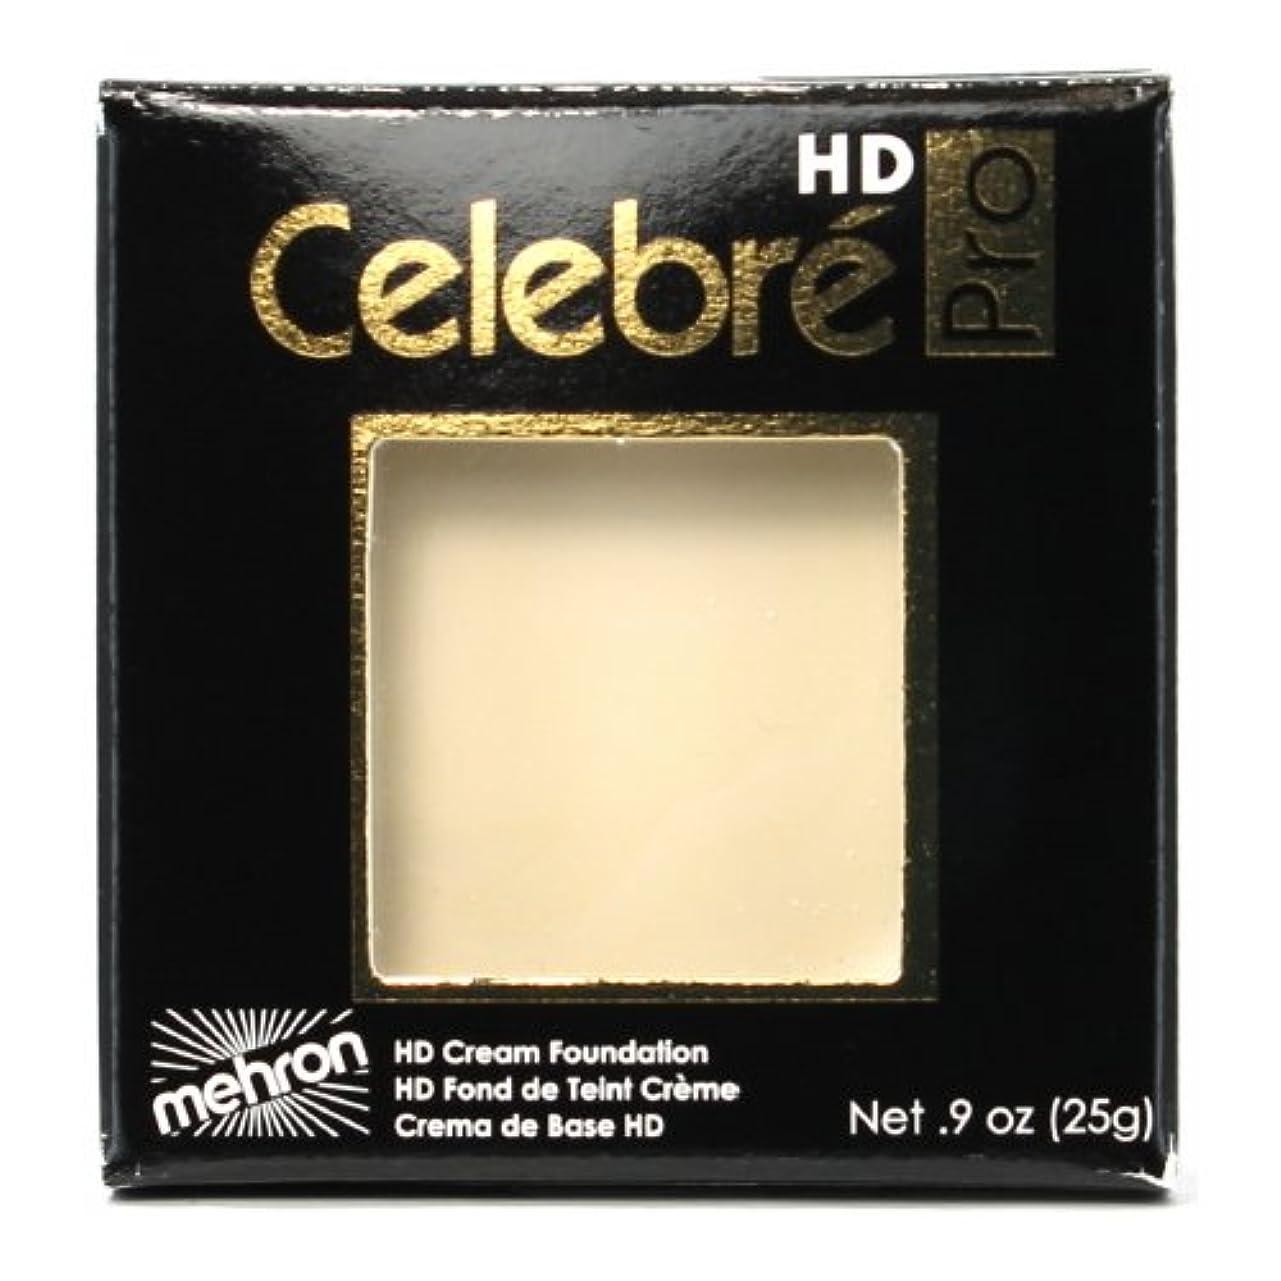 間違いなく批評十代の若者たち(3 Pack) mehron Celebre Pro HD Make-Up - Eurasia Ivory (並行輸入品)